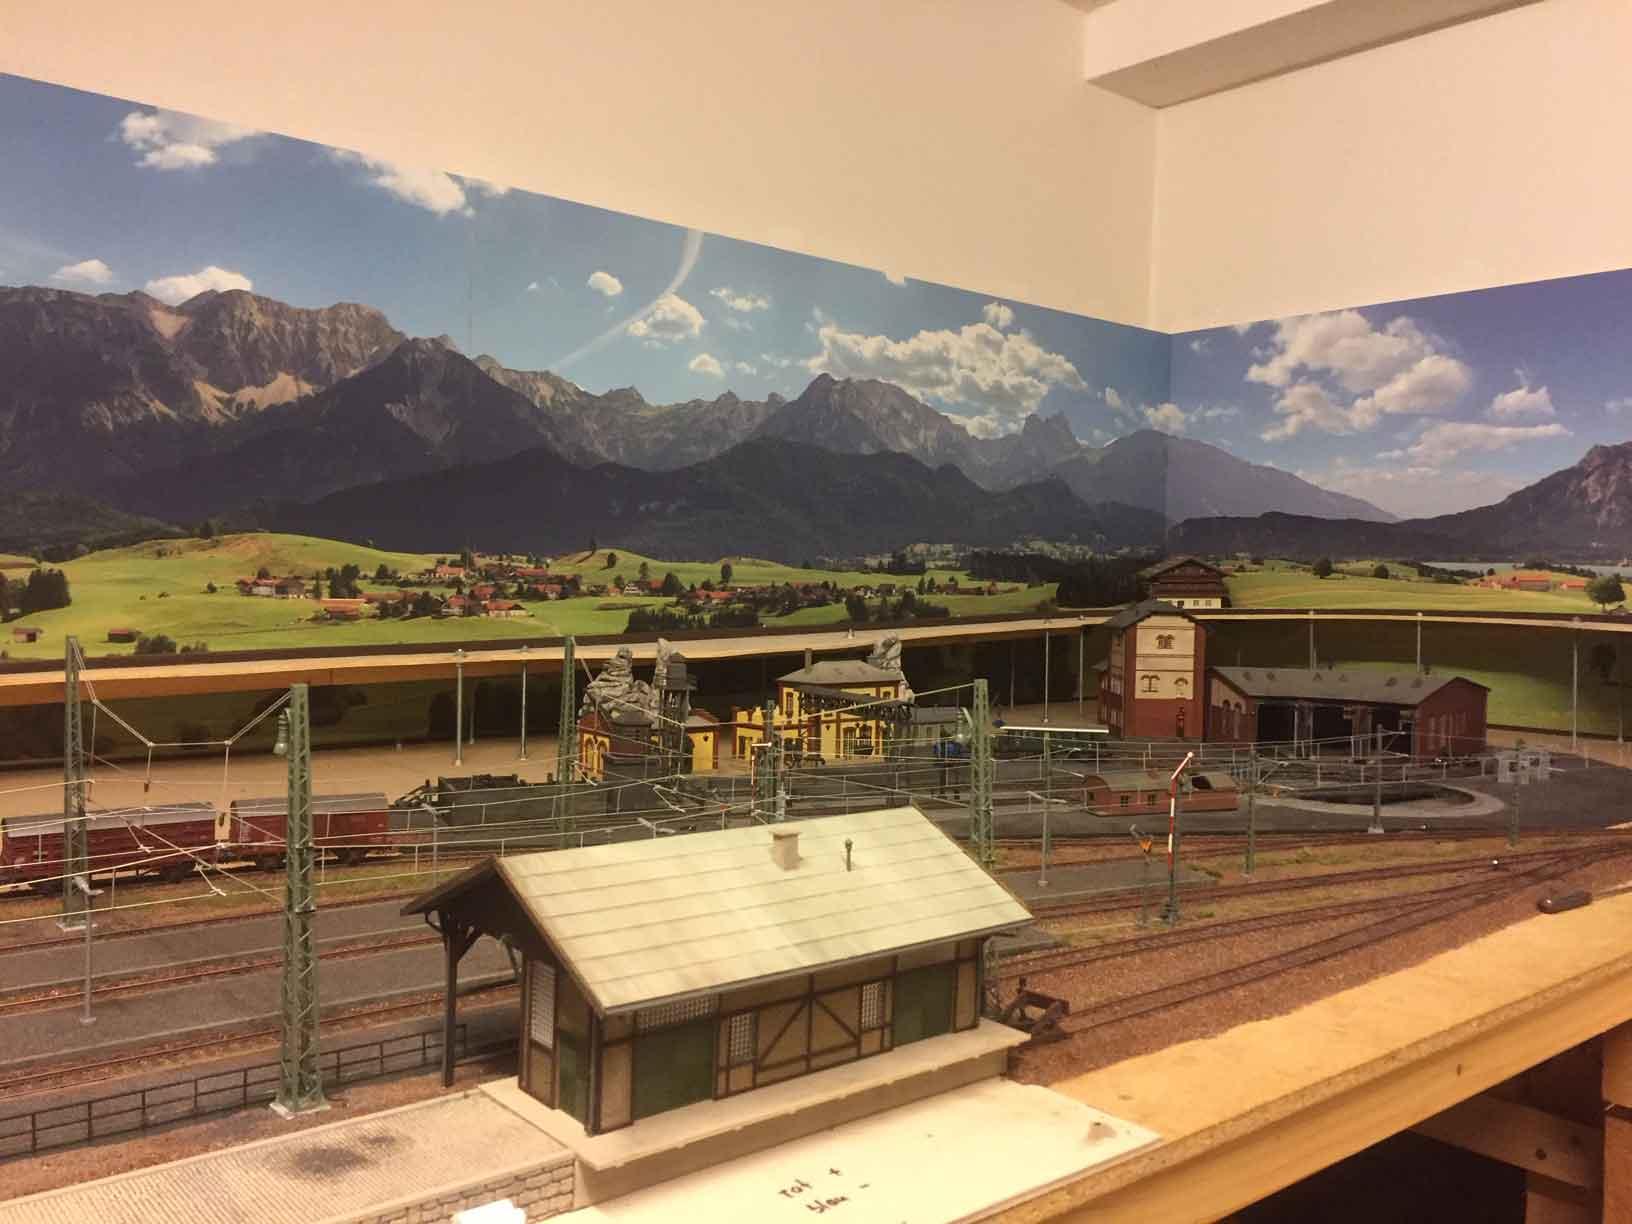 modellbahn-hintergrund-modellbahning_4 3